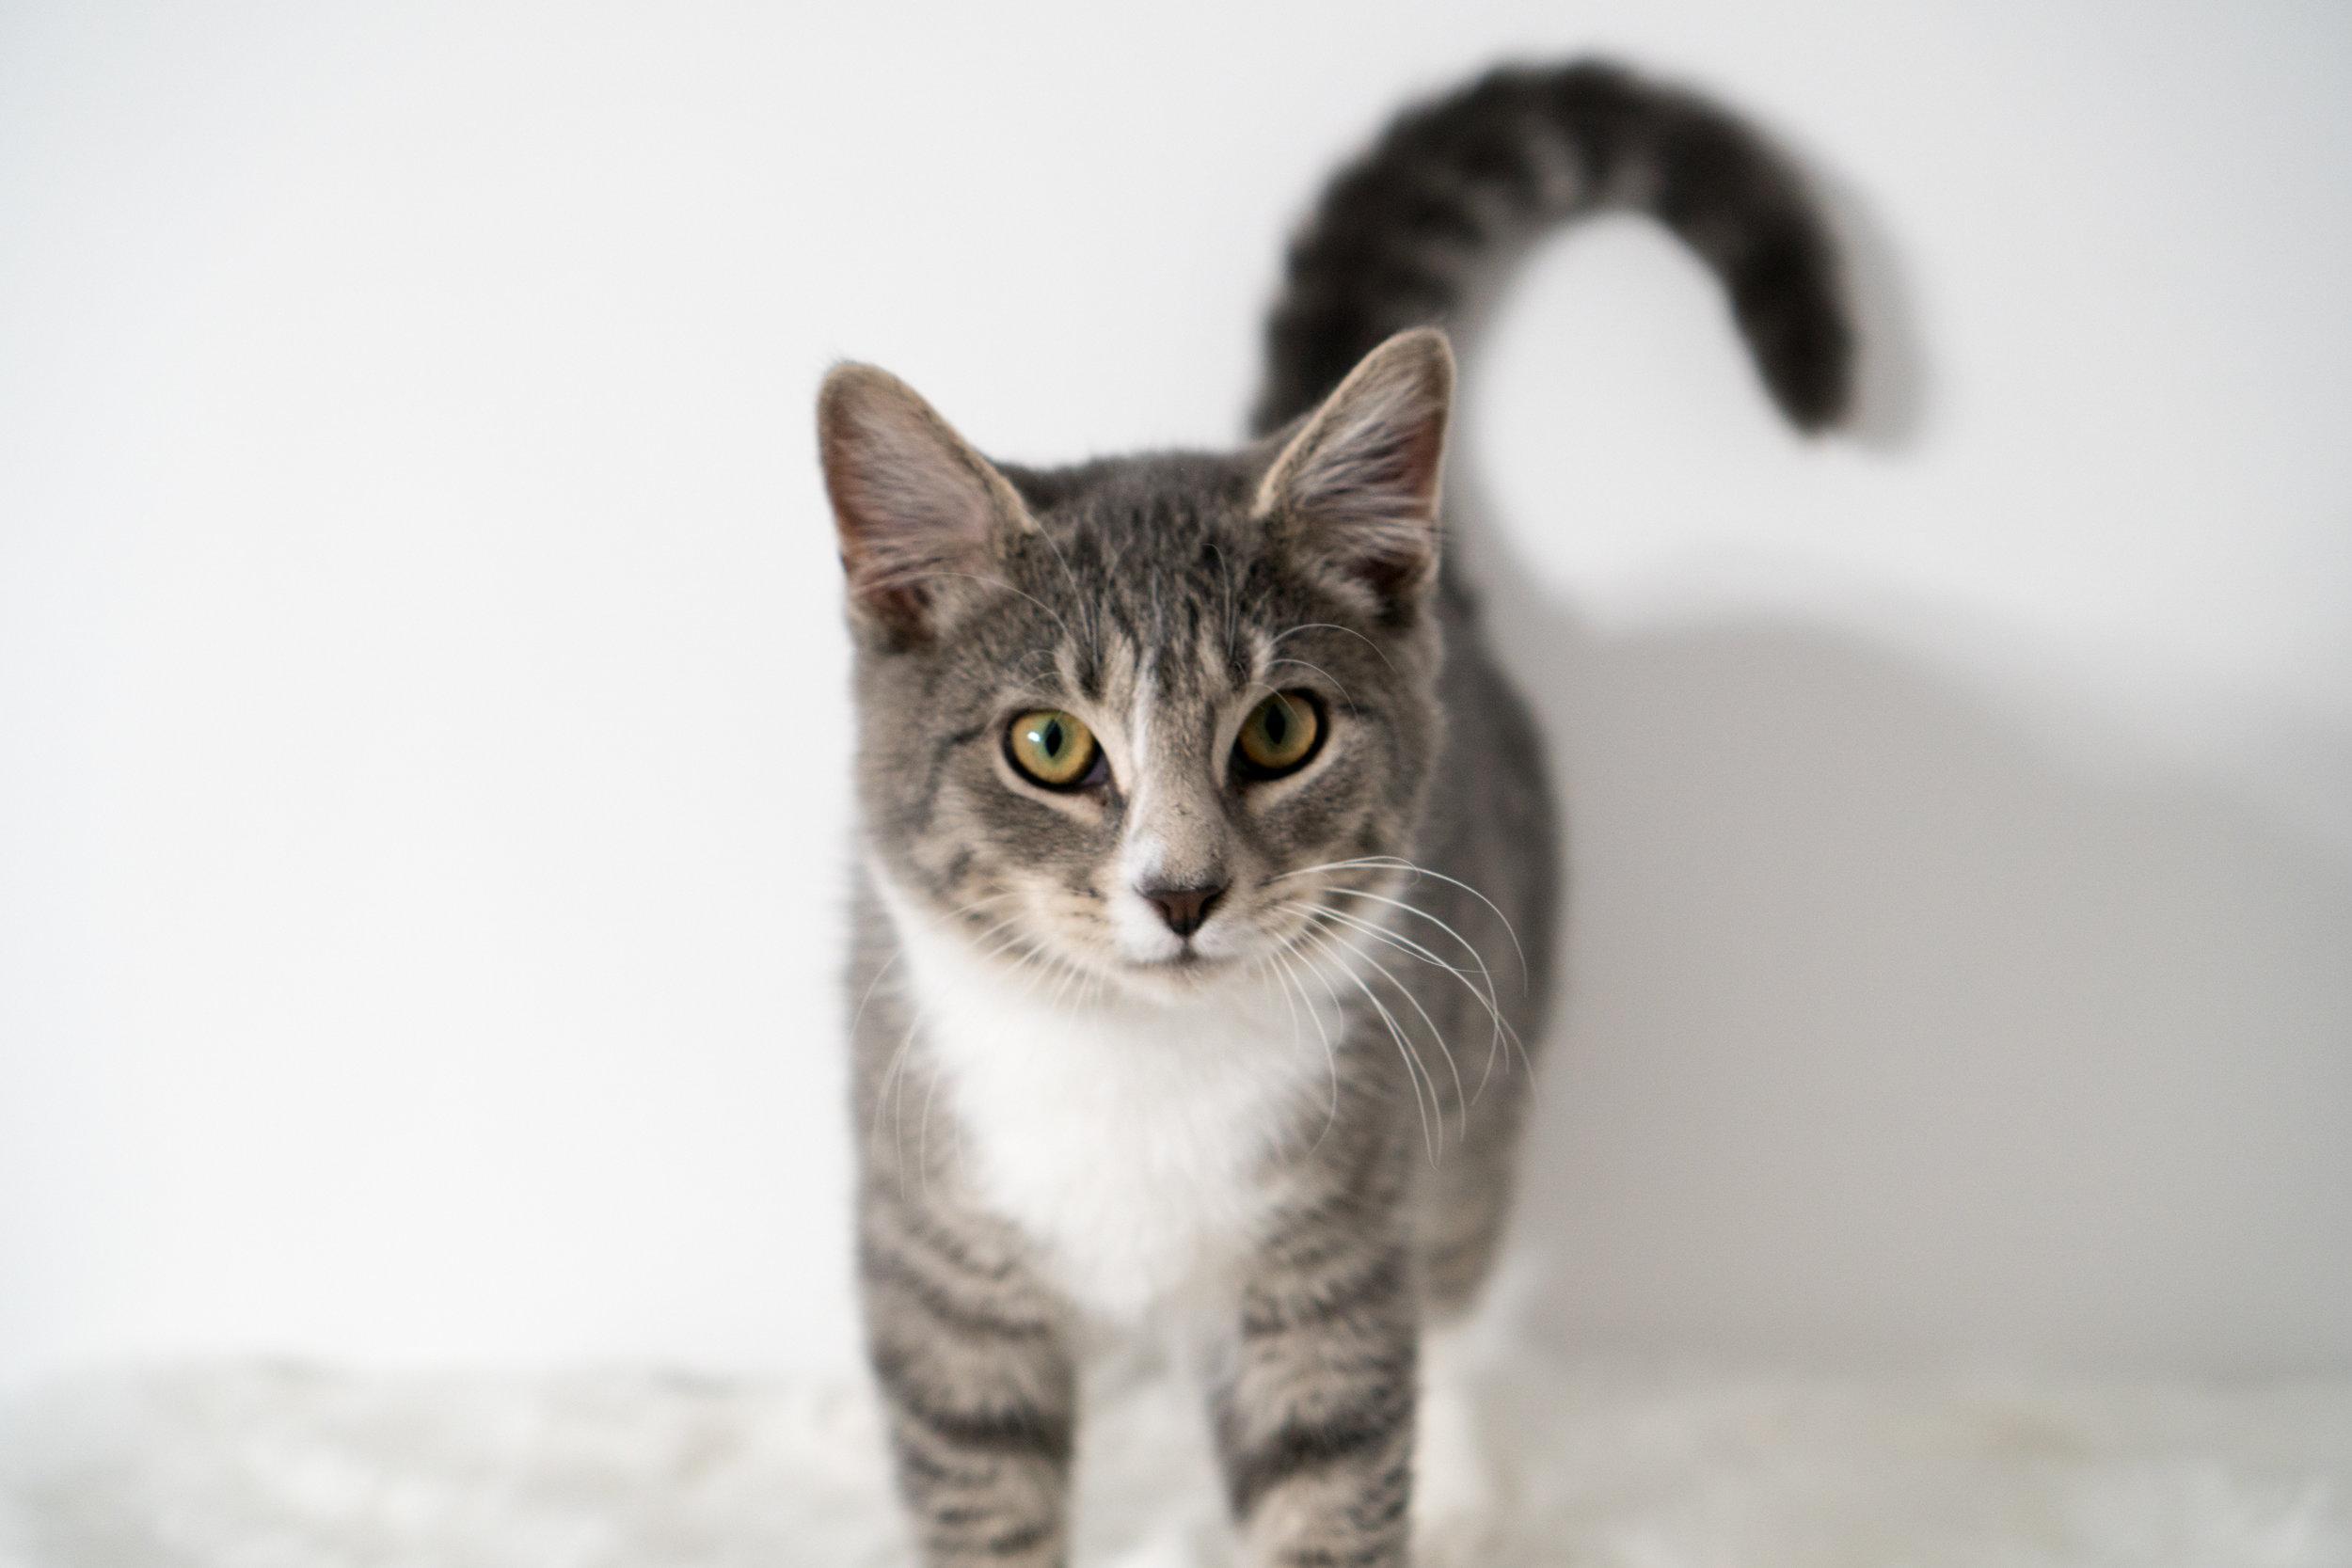 Filbert - Male - 6 months